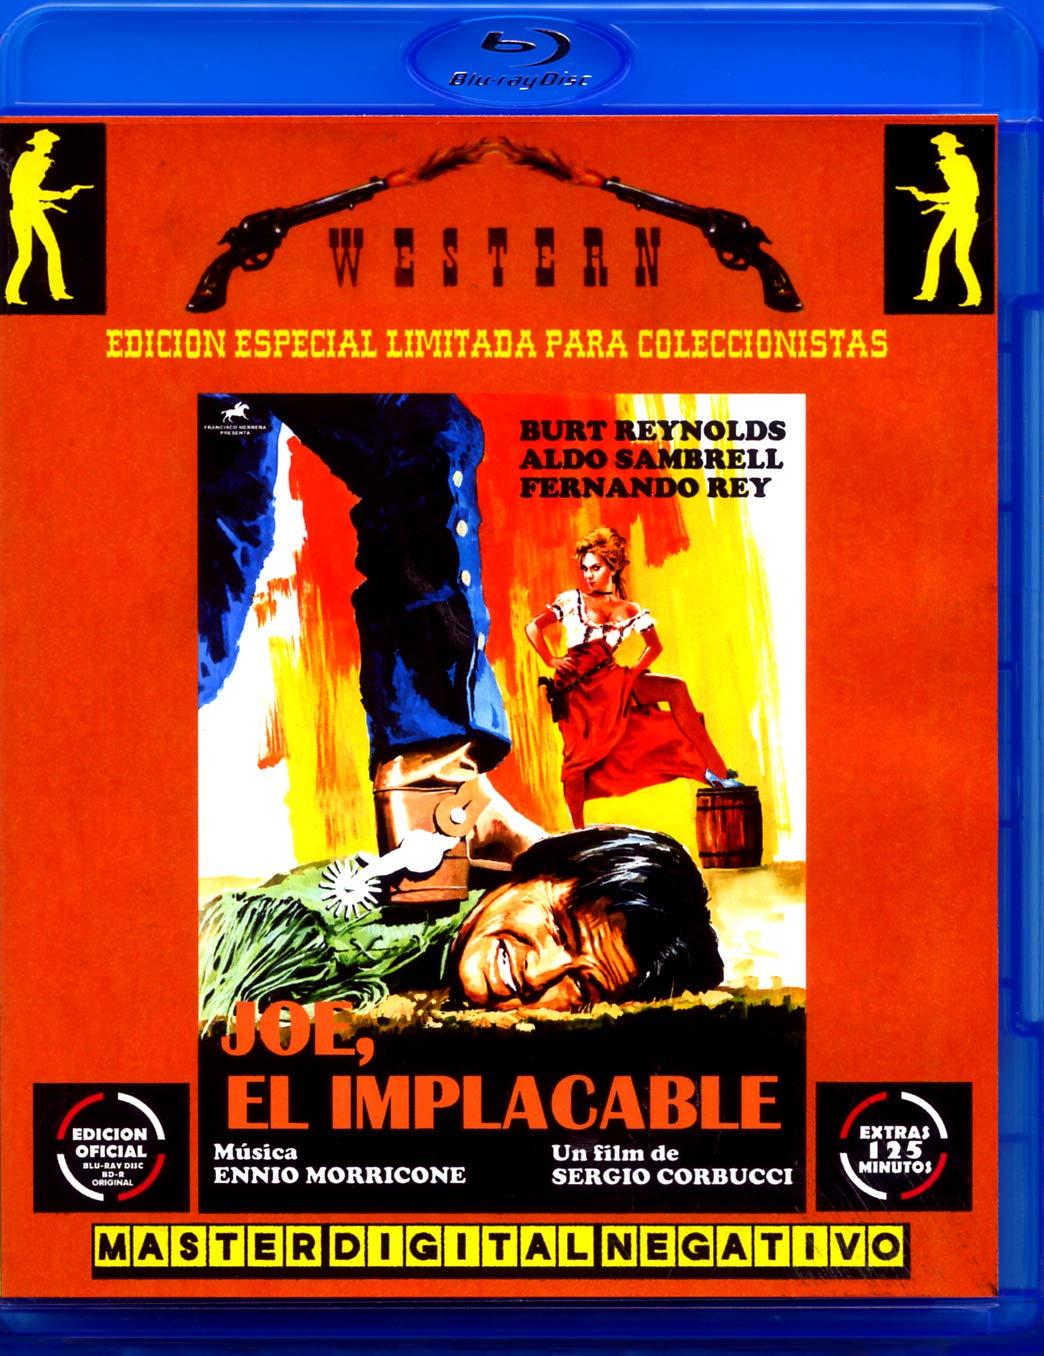 JOE,EL IMPLACABLE BLU-RAY DISC BD EDICIÓN OFICIAL PARA COLECCIONISTAS BURT REYNOLDS ALDO SAMBRELL EXTRAS 125 MINUTOS: Amazon.es: Cine y Series TV